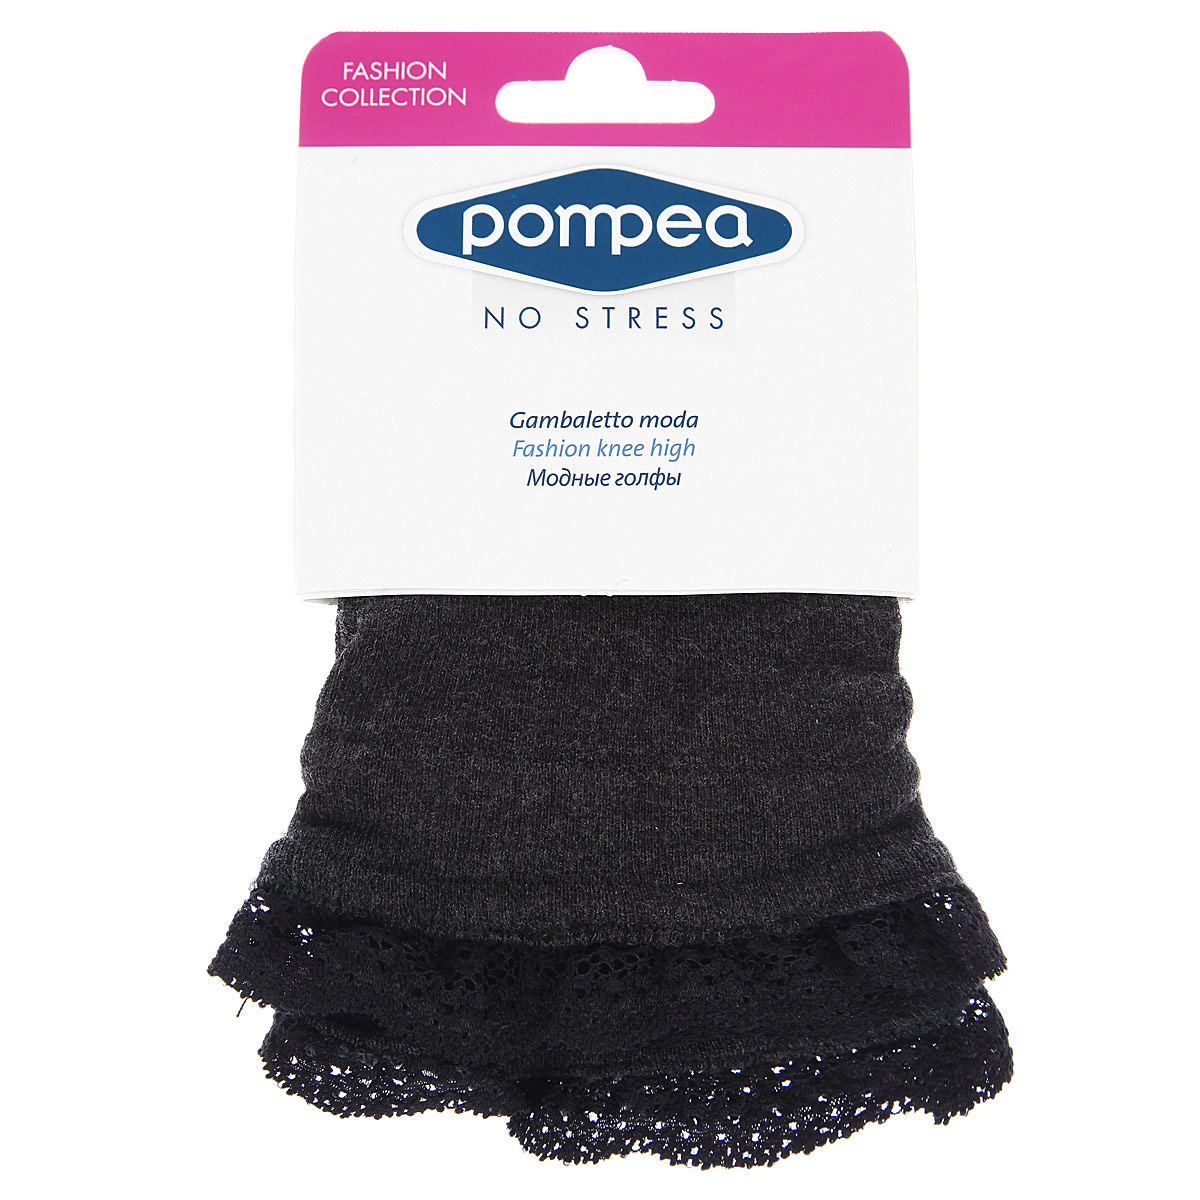 Гольфы женские Pompea Laumiere Fashion 230, цвет: Antracite (насыщенный серый). 90768961. Размер универсальный